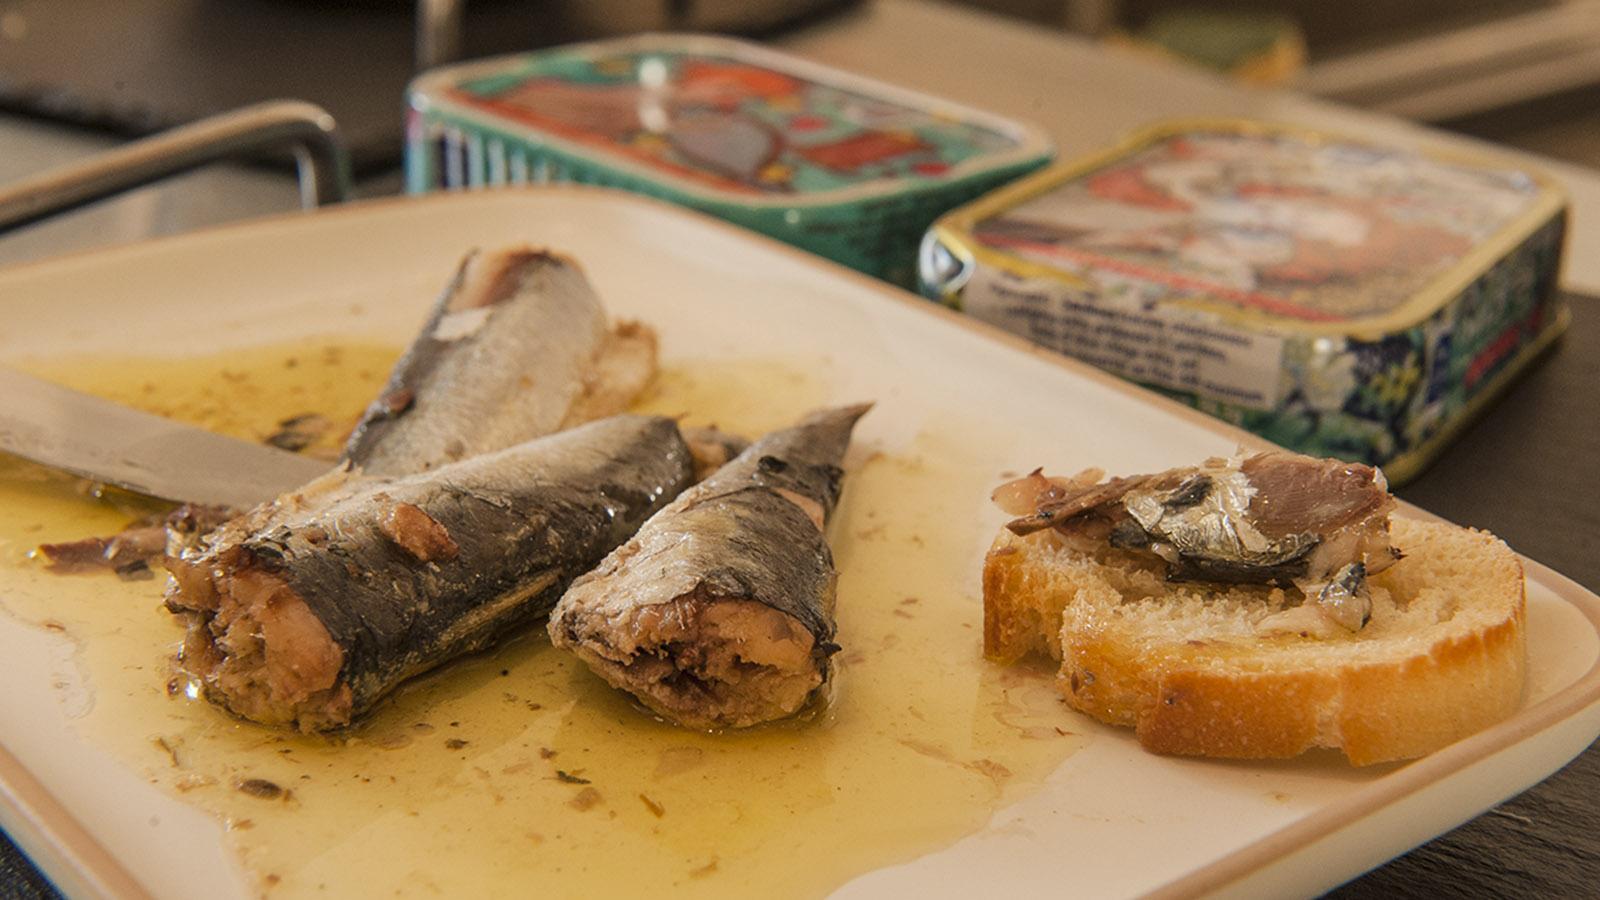 Sardine: Beliebt zum Apéro: die Sardine. Foto: Hilke Maunder